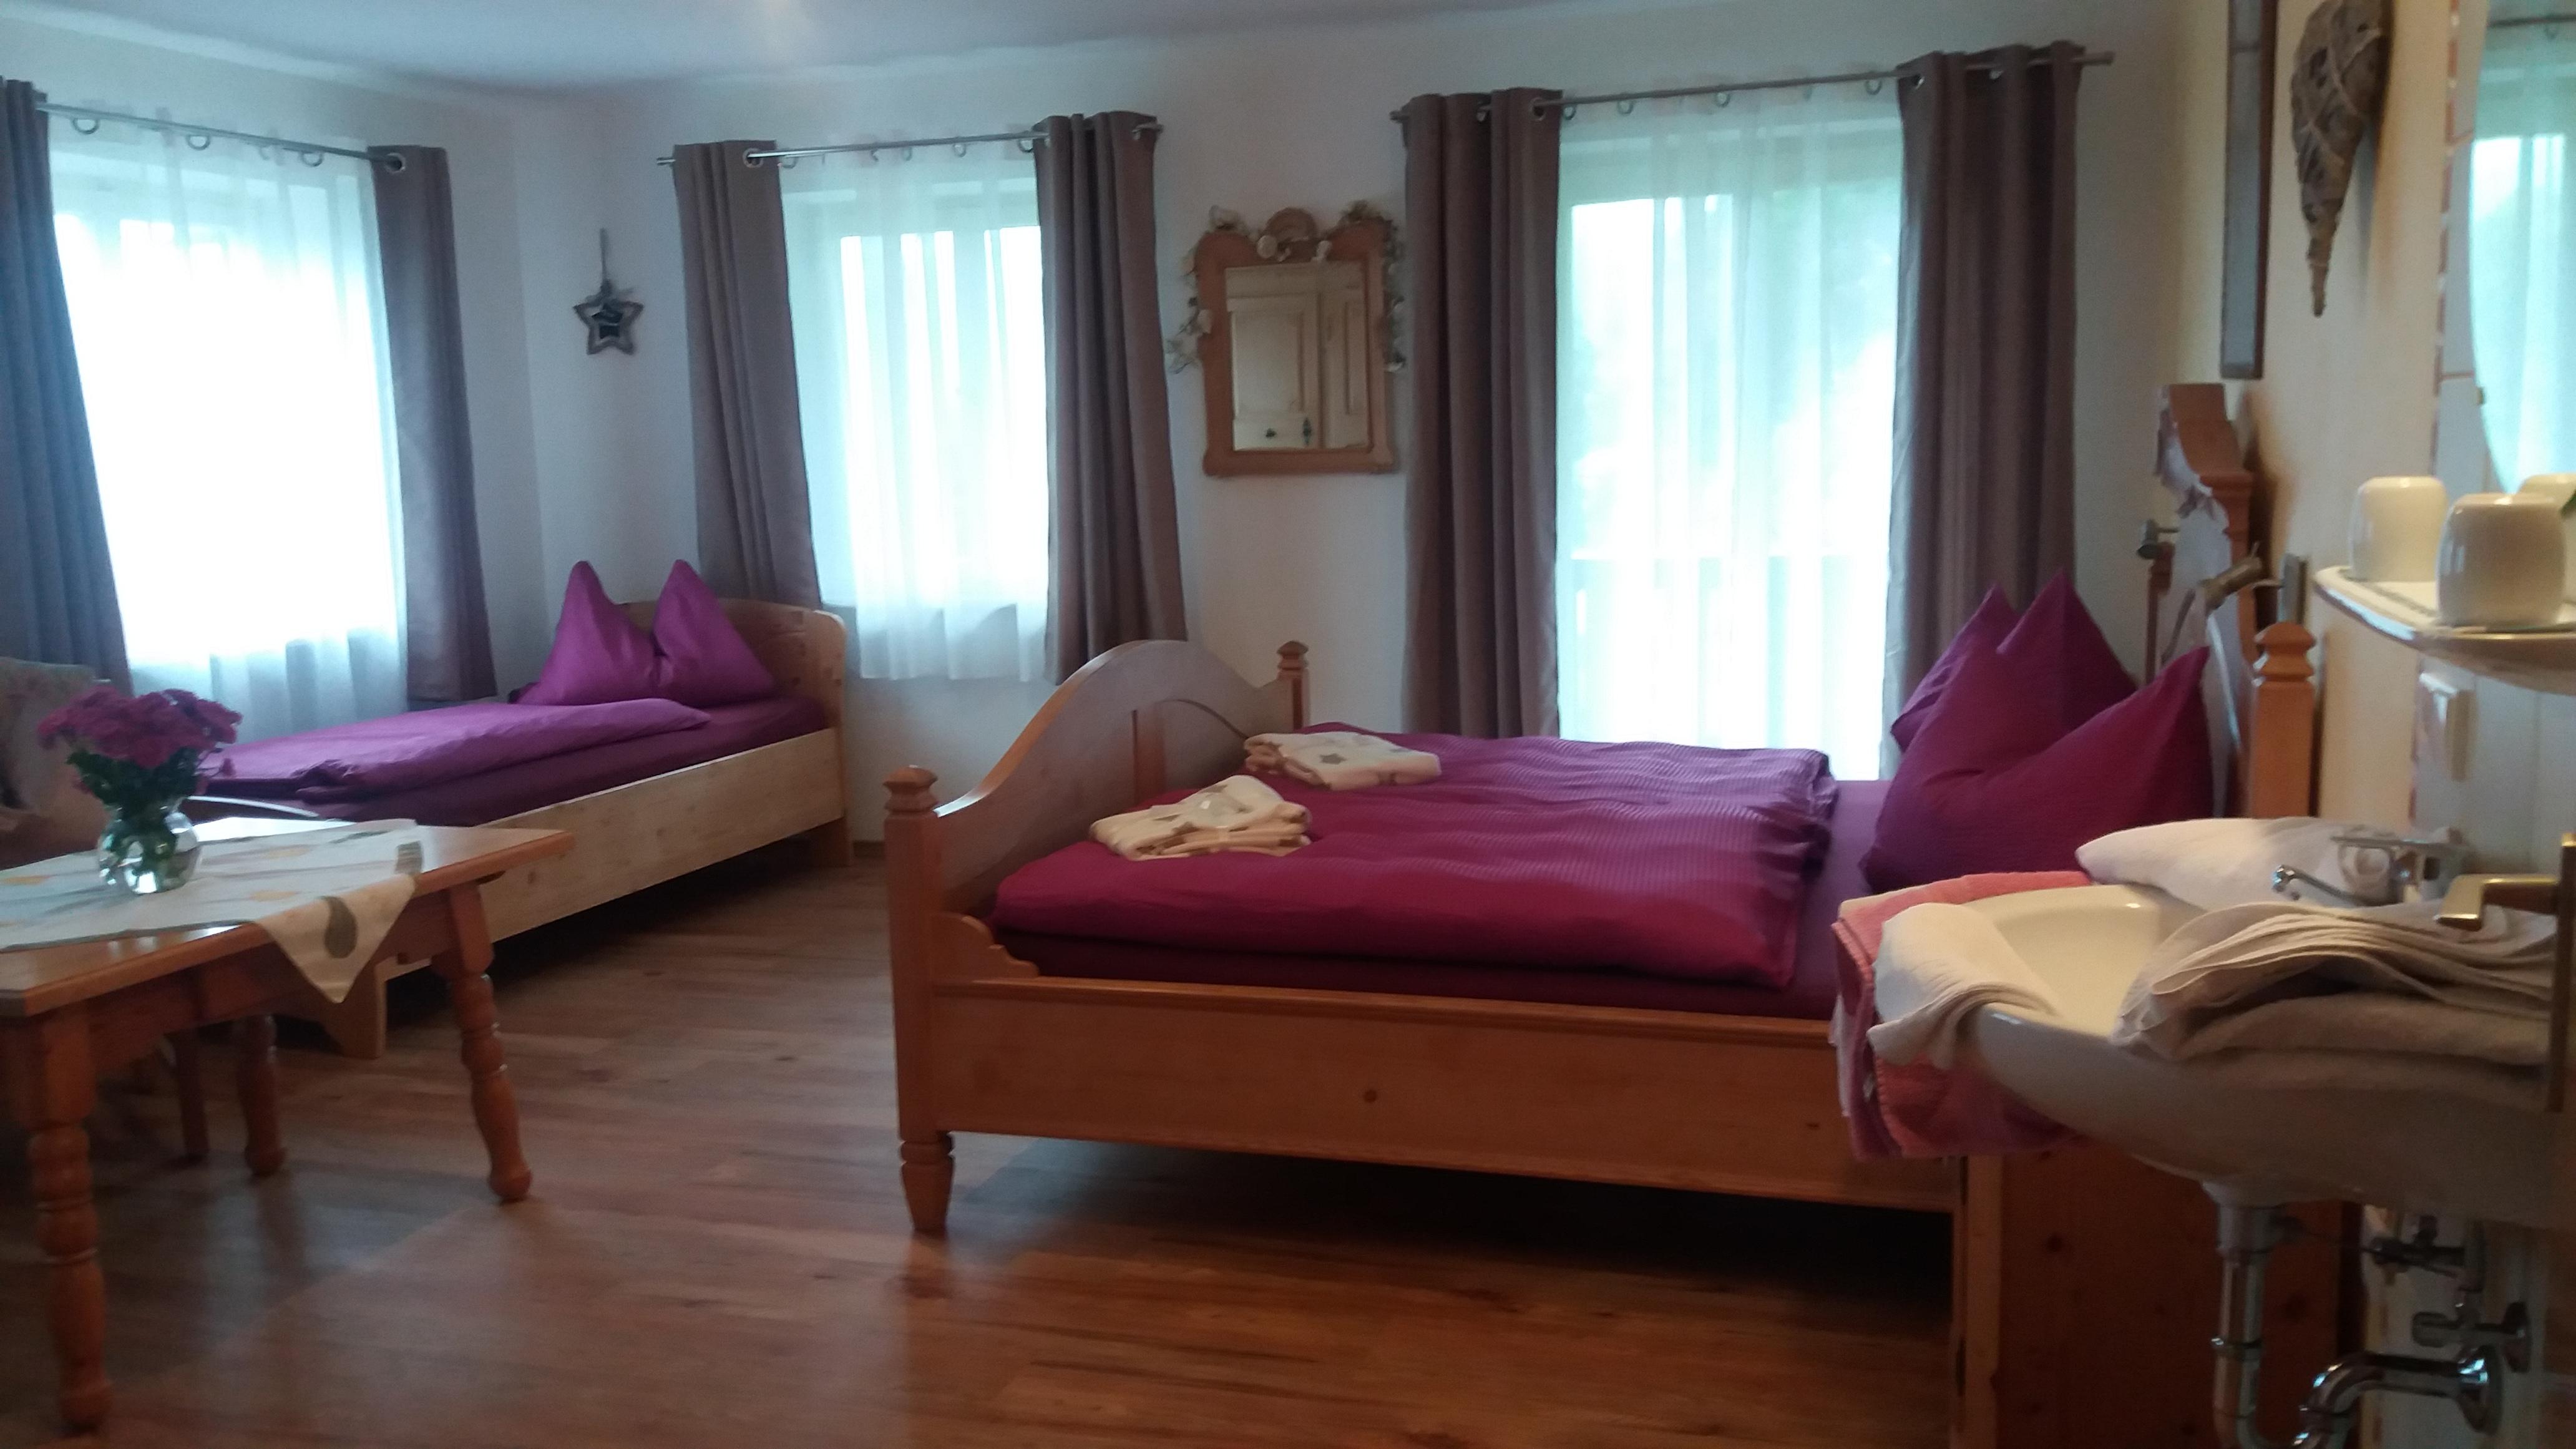 Breininglehen - 3-Bett-Zimmer